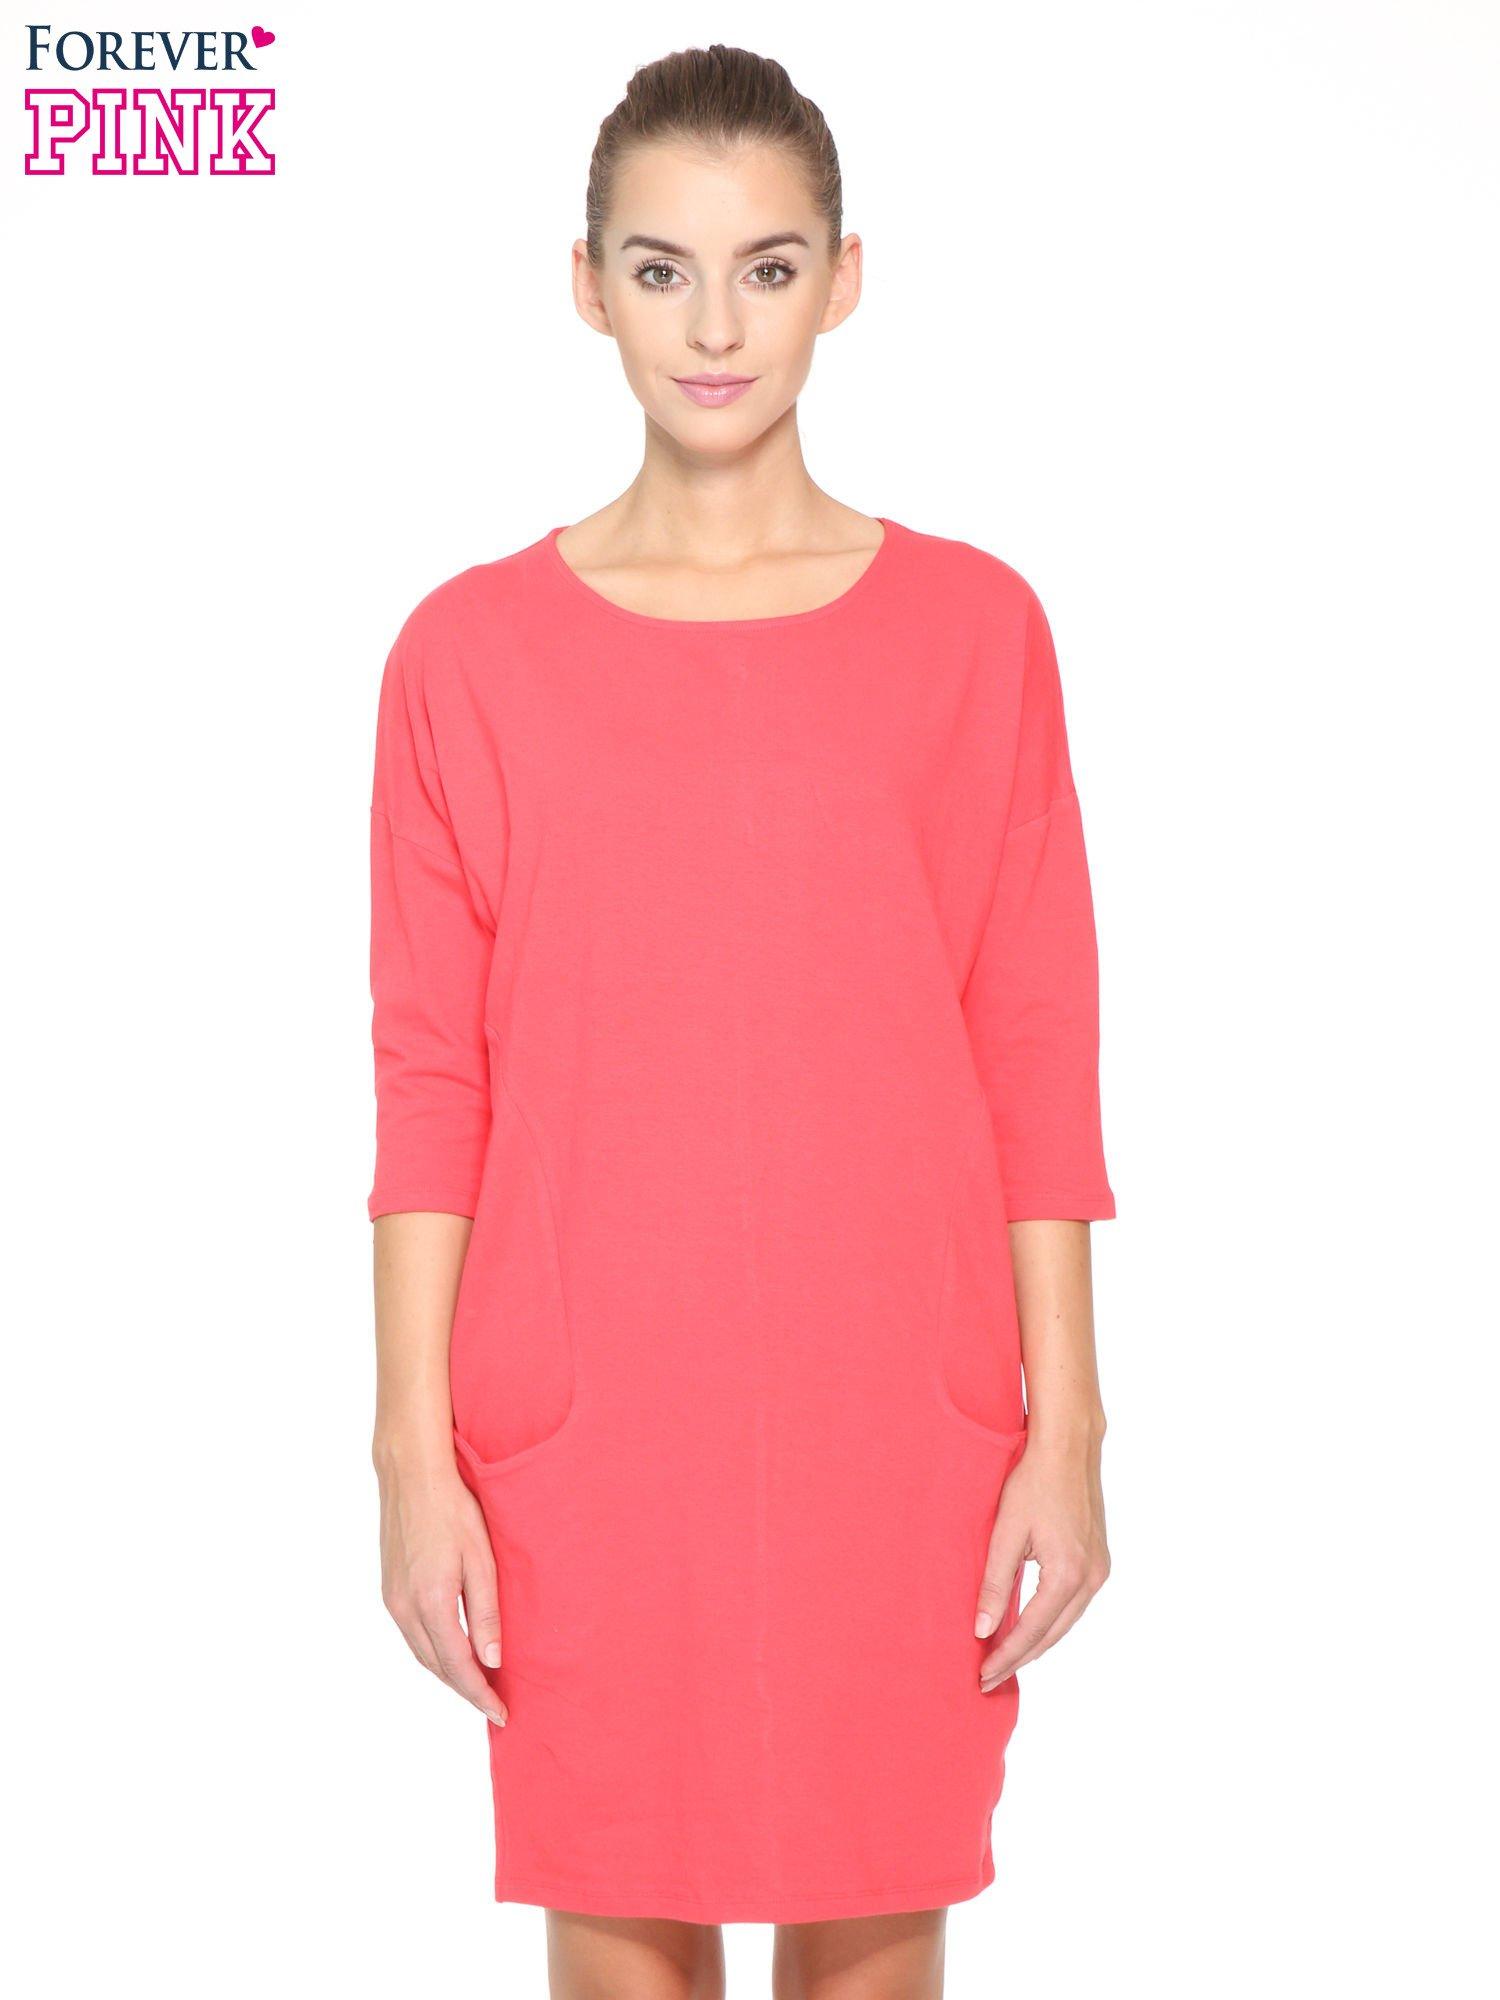 Ciemnokoralowa sukienka dresowa z kieszeniami                                  zdj.                                  1